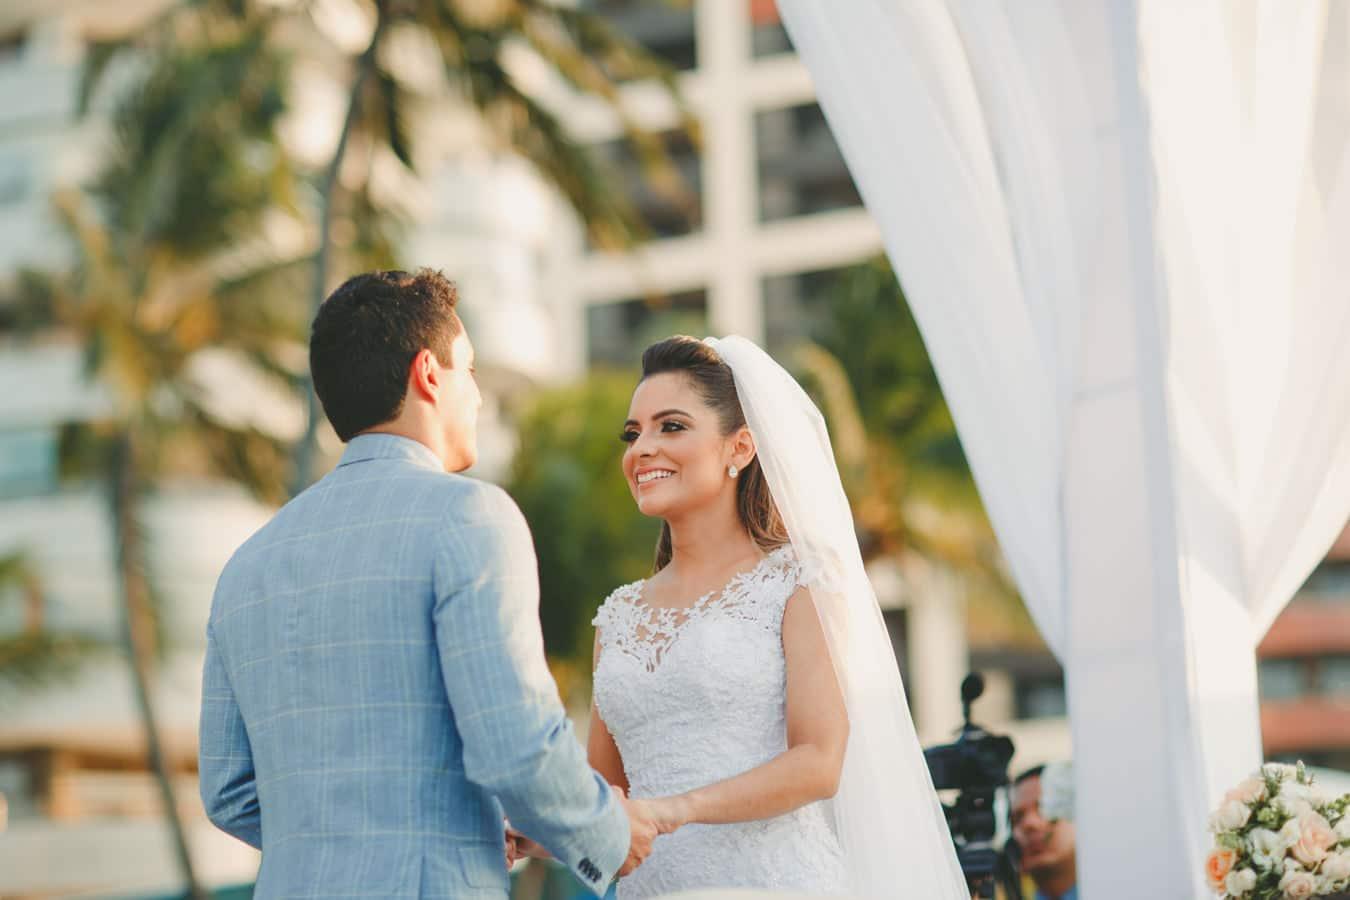 Fotografias de casamento no Iate Clube de Fortaleza-CE